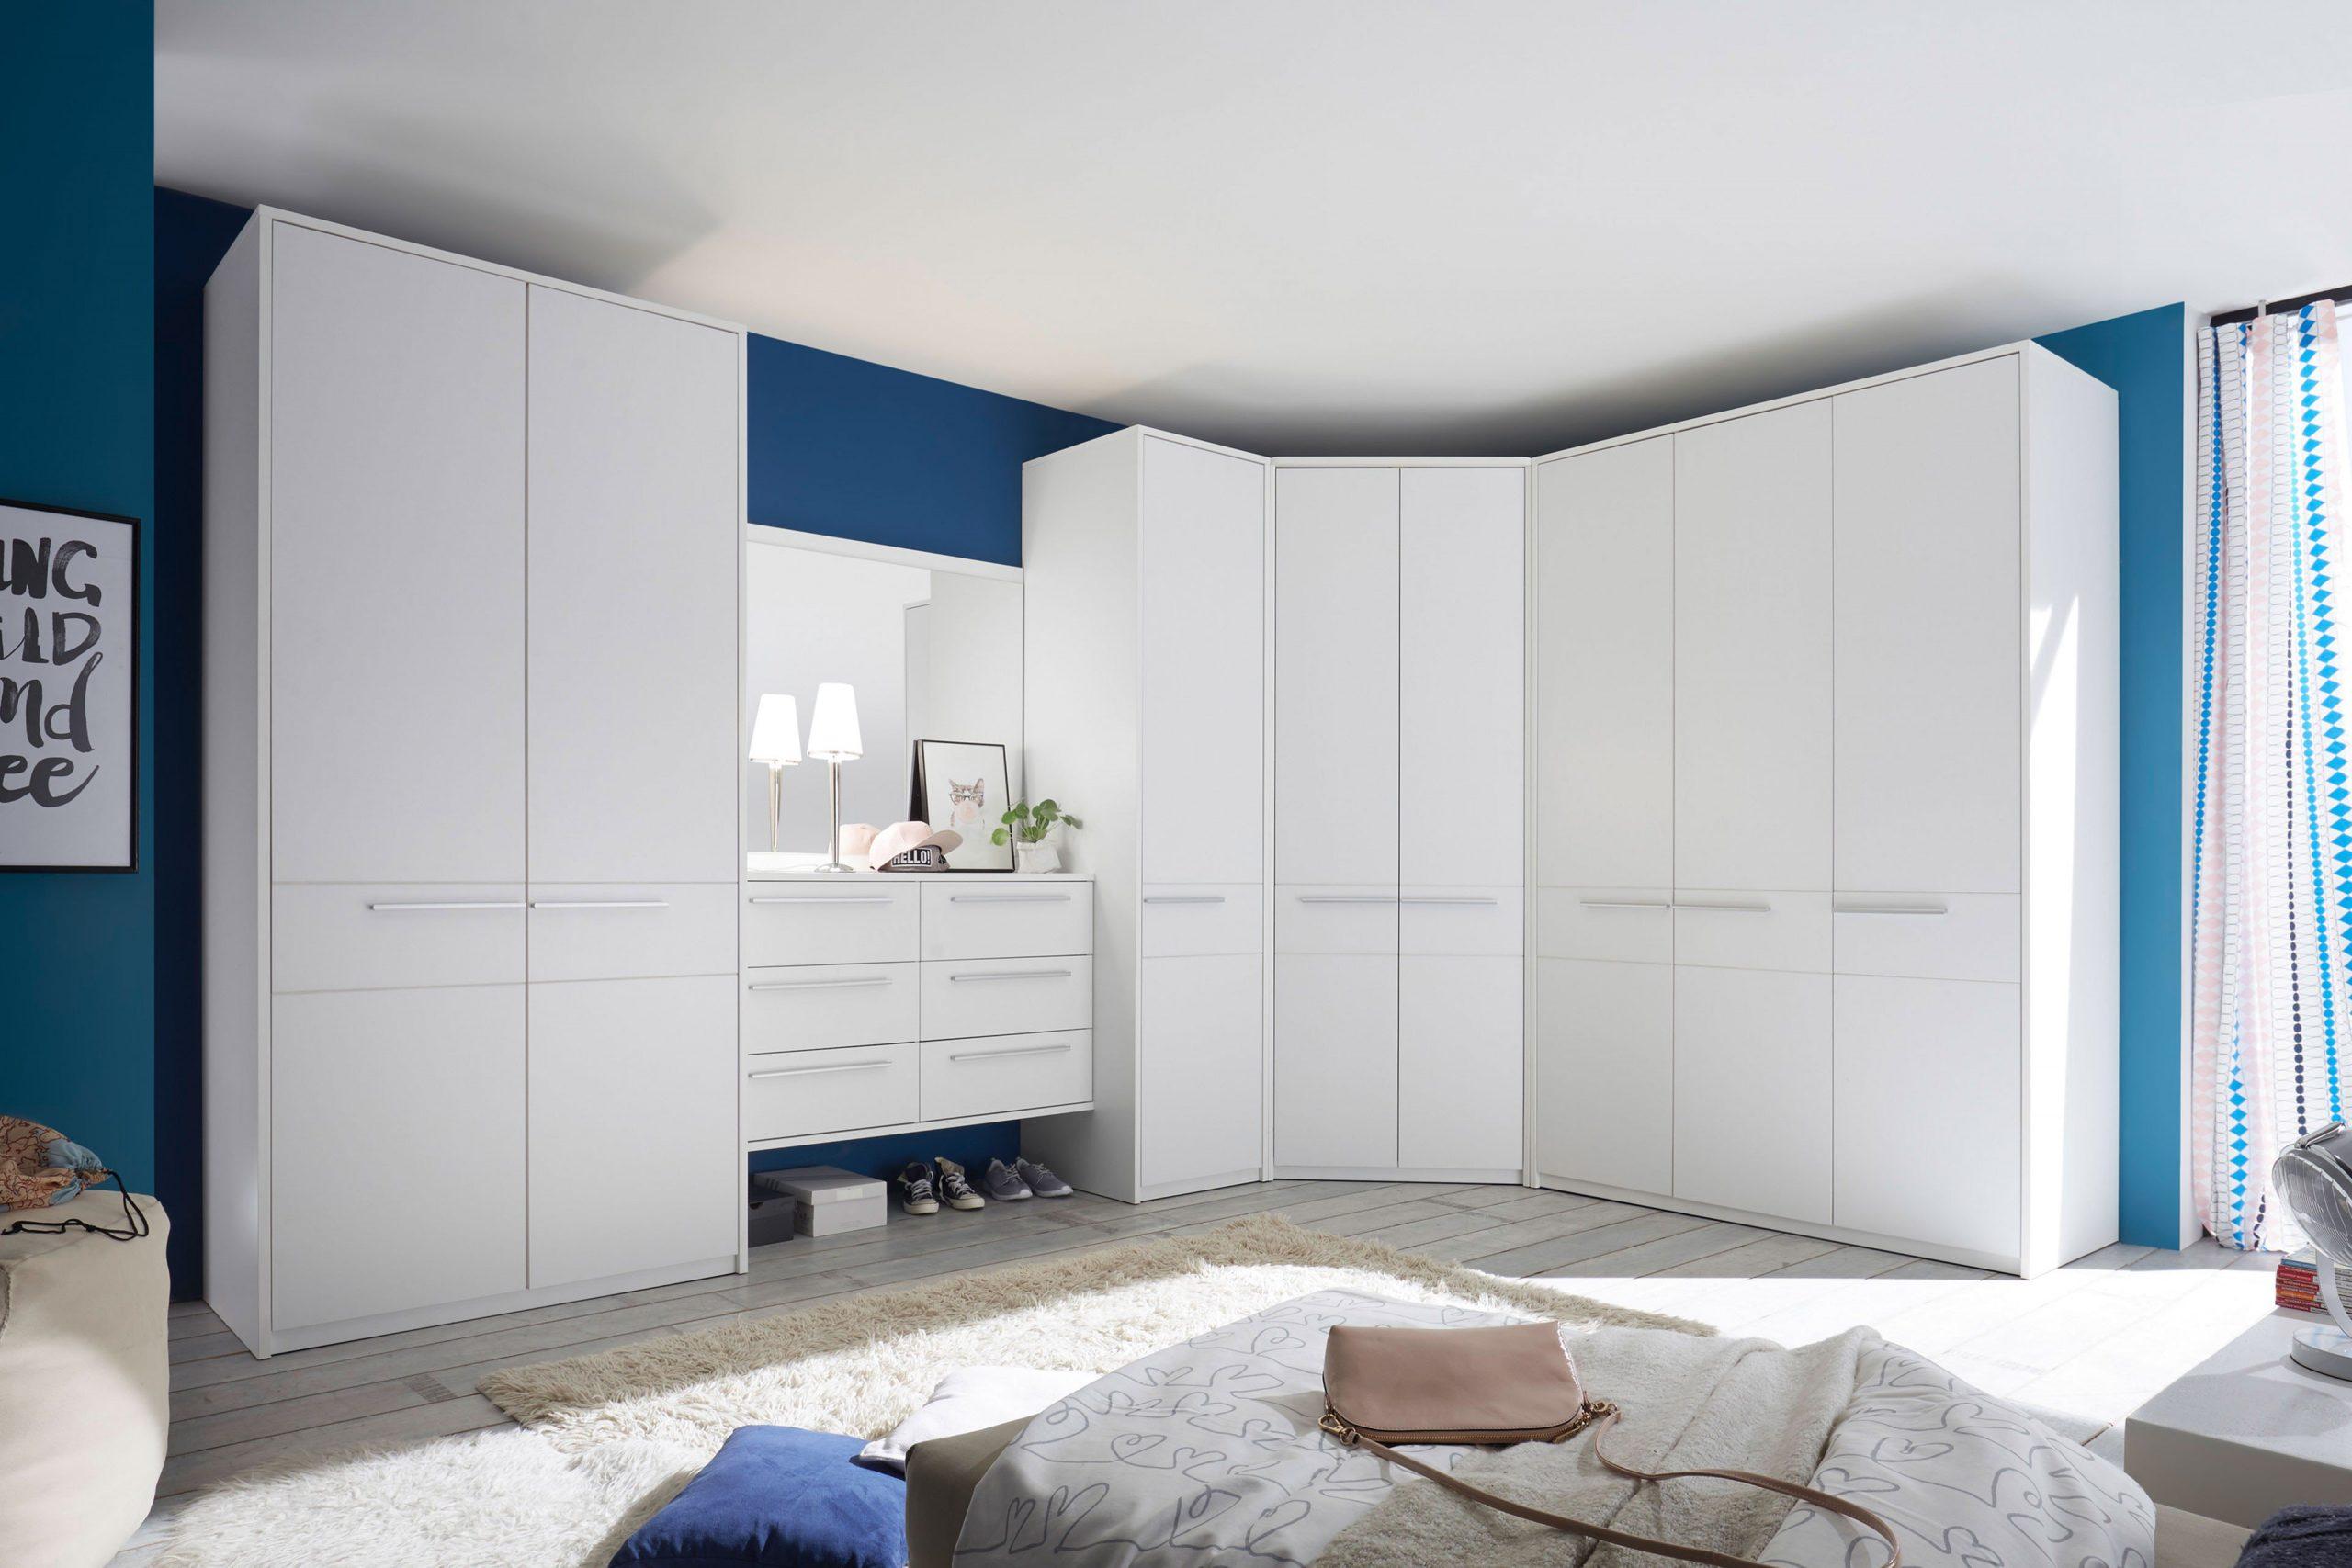 Full Size of Pol Power Madrid Planungsschrank Wei Mbel Letz Ihr Online Shop Schlafzimmer Set Mit Matratze Und Lattenrost Deckenlampe Eckschrank Rauch Komplett Günstig Schlafzimmer Schranksysteme Schlafzimmer